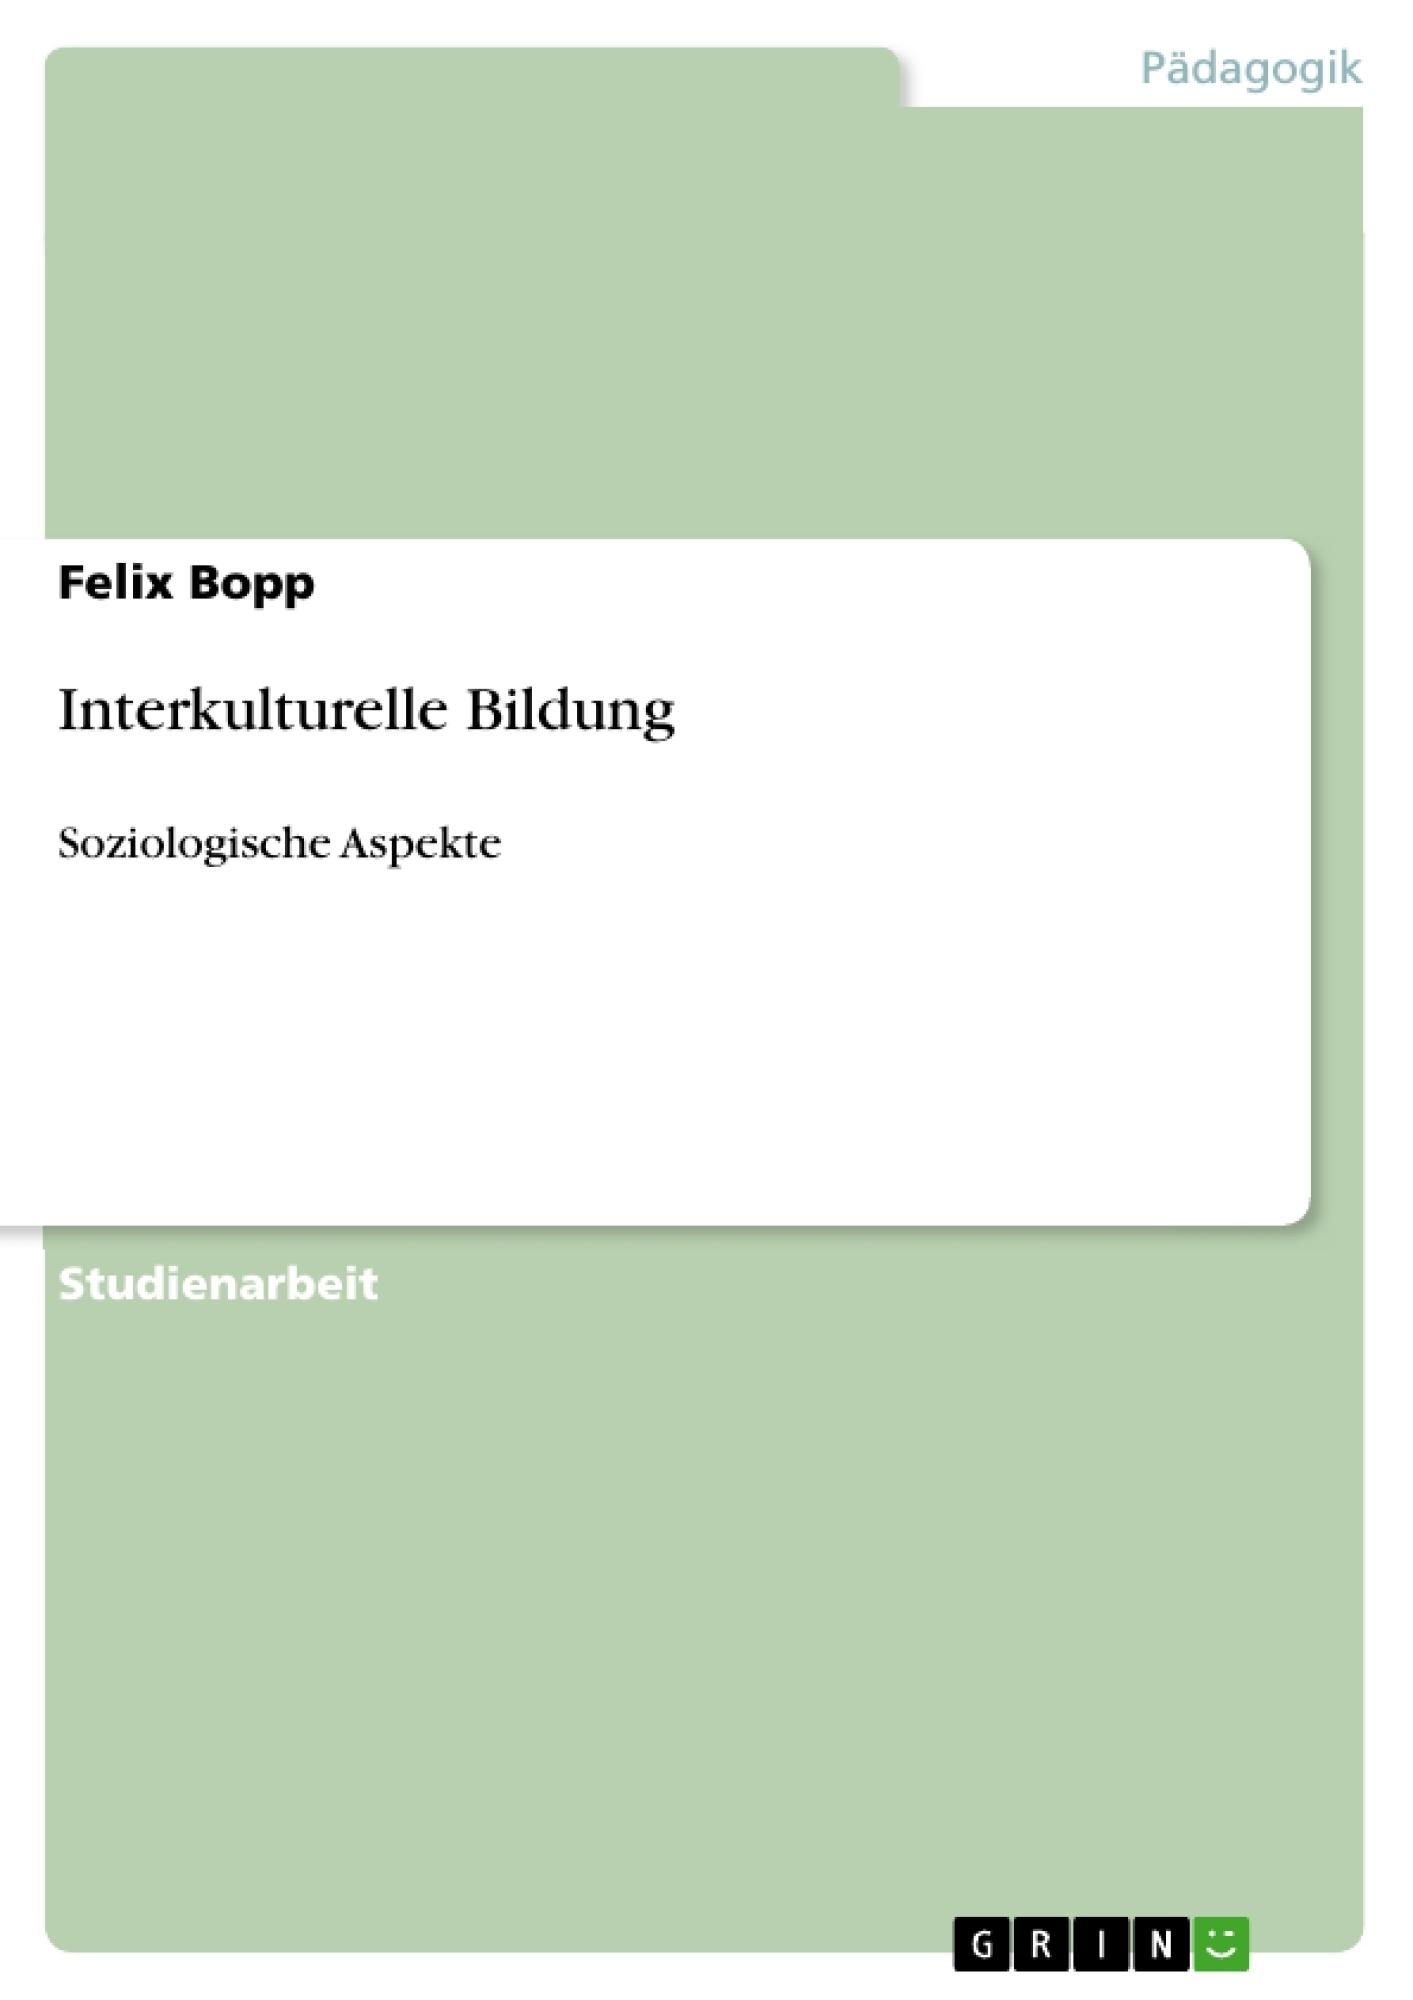 Titel: Interkulturelle Bildung